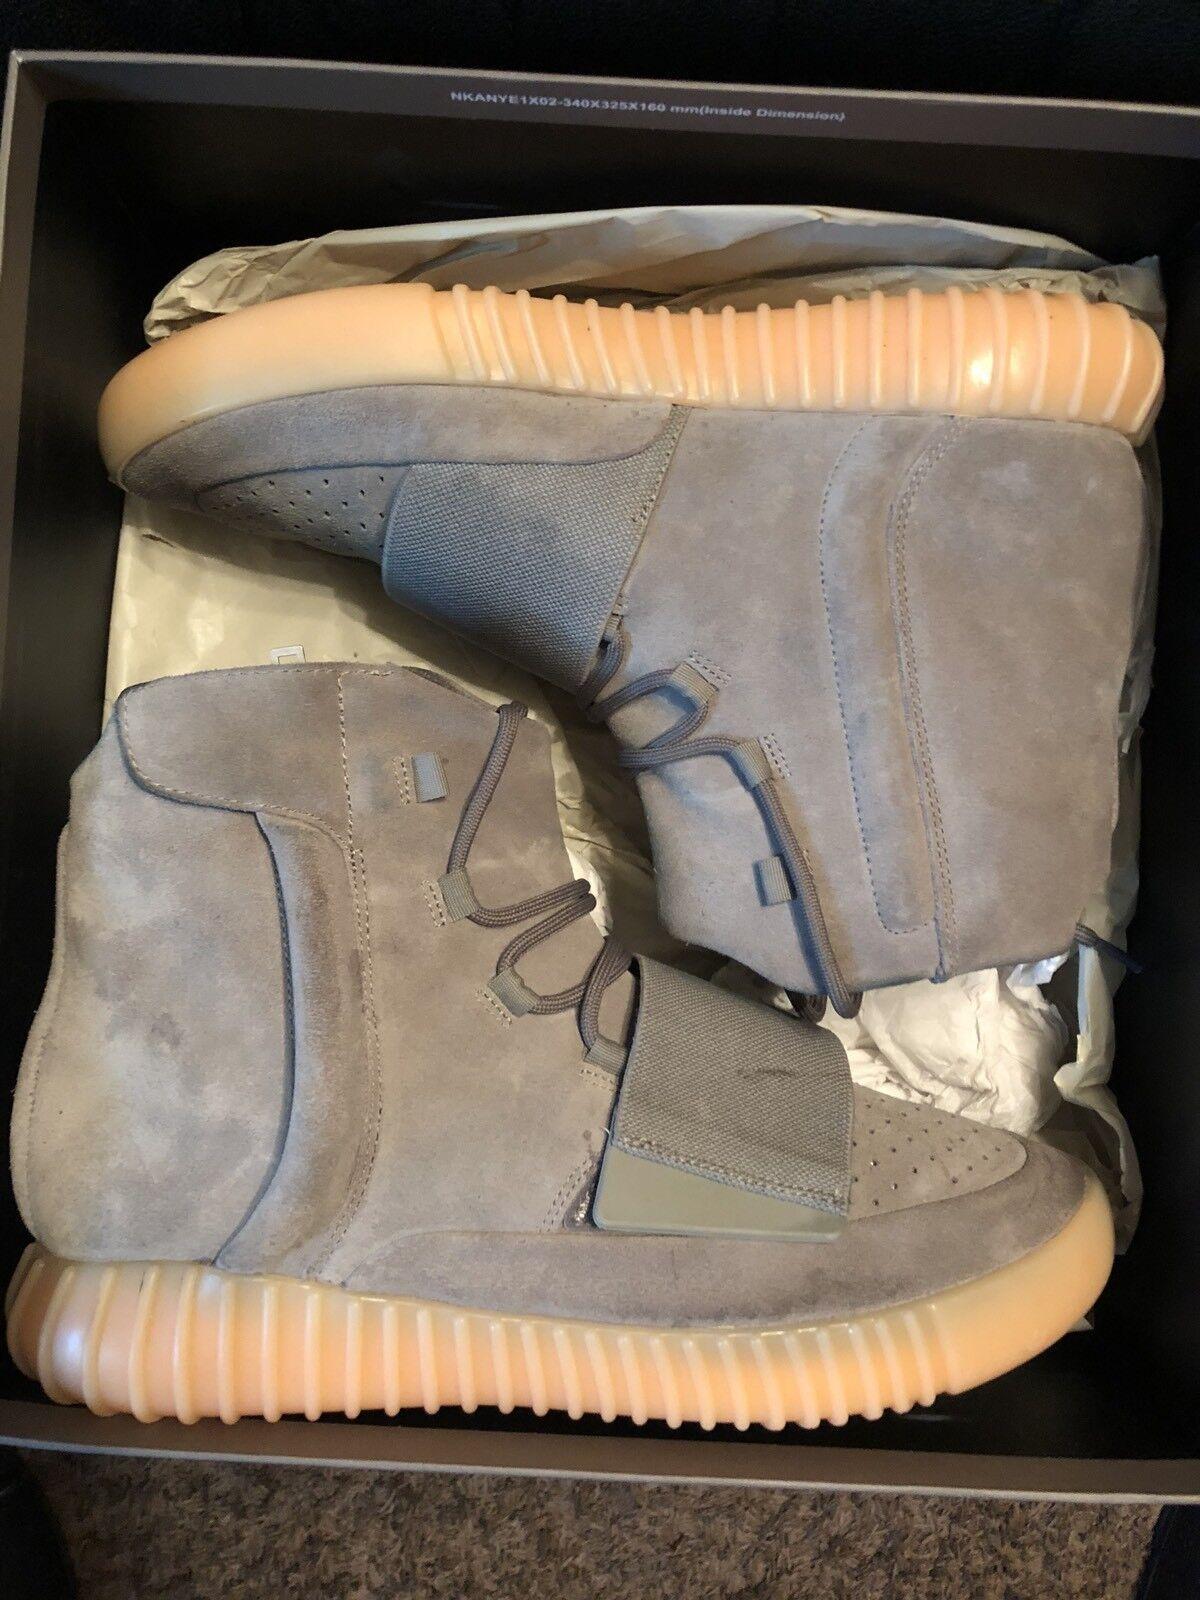 Adidas yeezy förderung 750 - grauen kaugummi - 750 größe 10,5 (350 - 500 - 700) 06083d